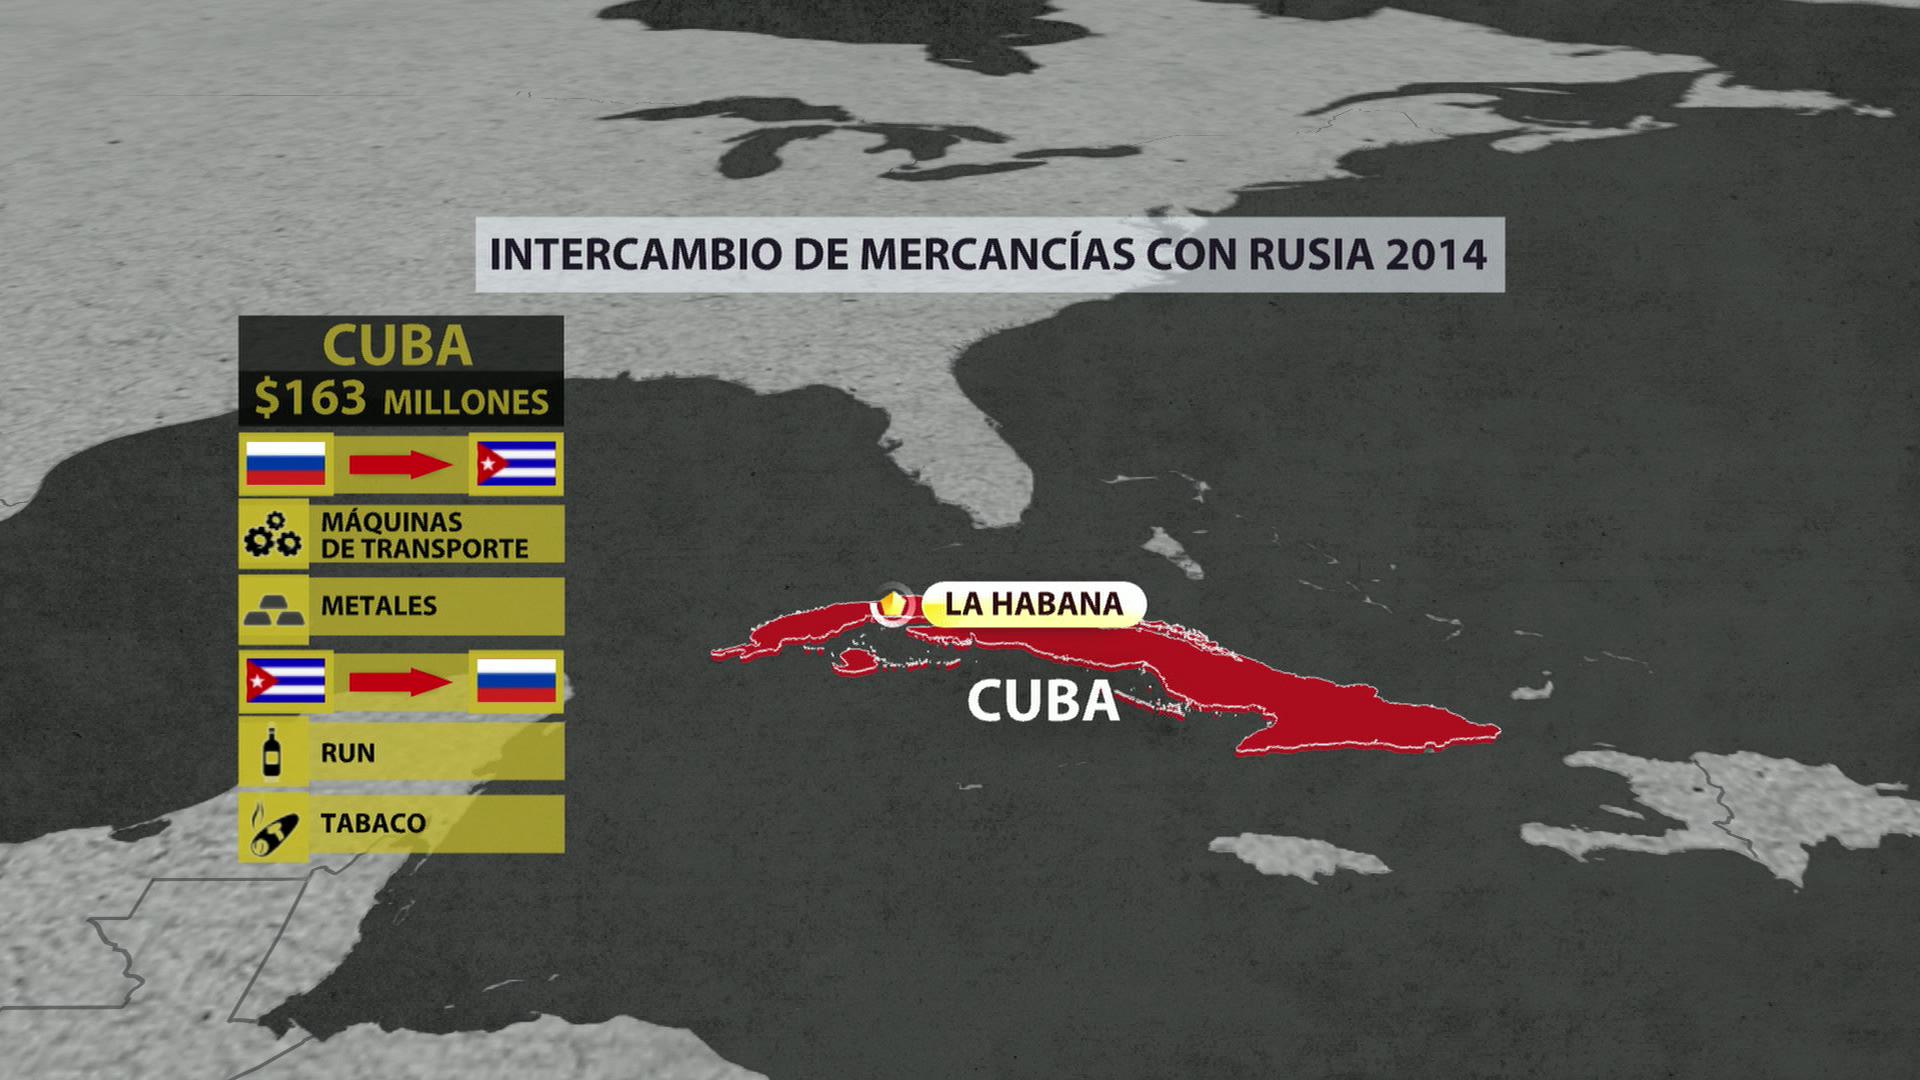 Cuba. Intercambio de mercanciás con Rusia.